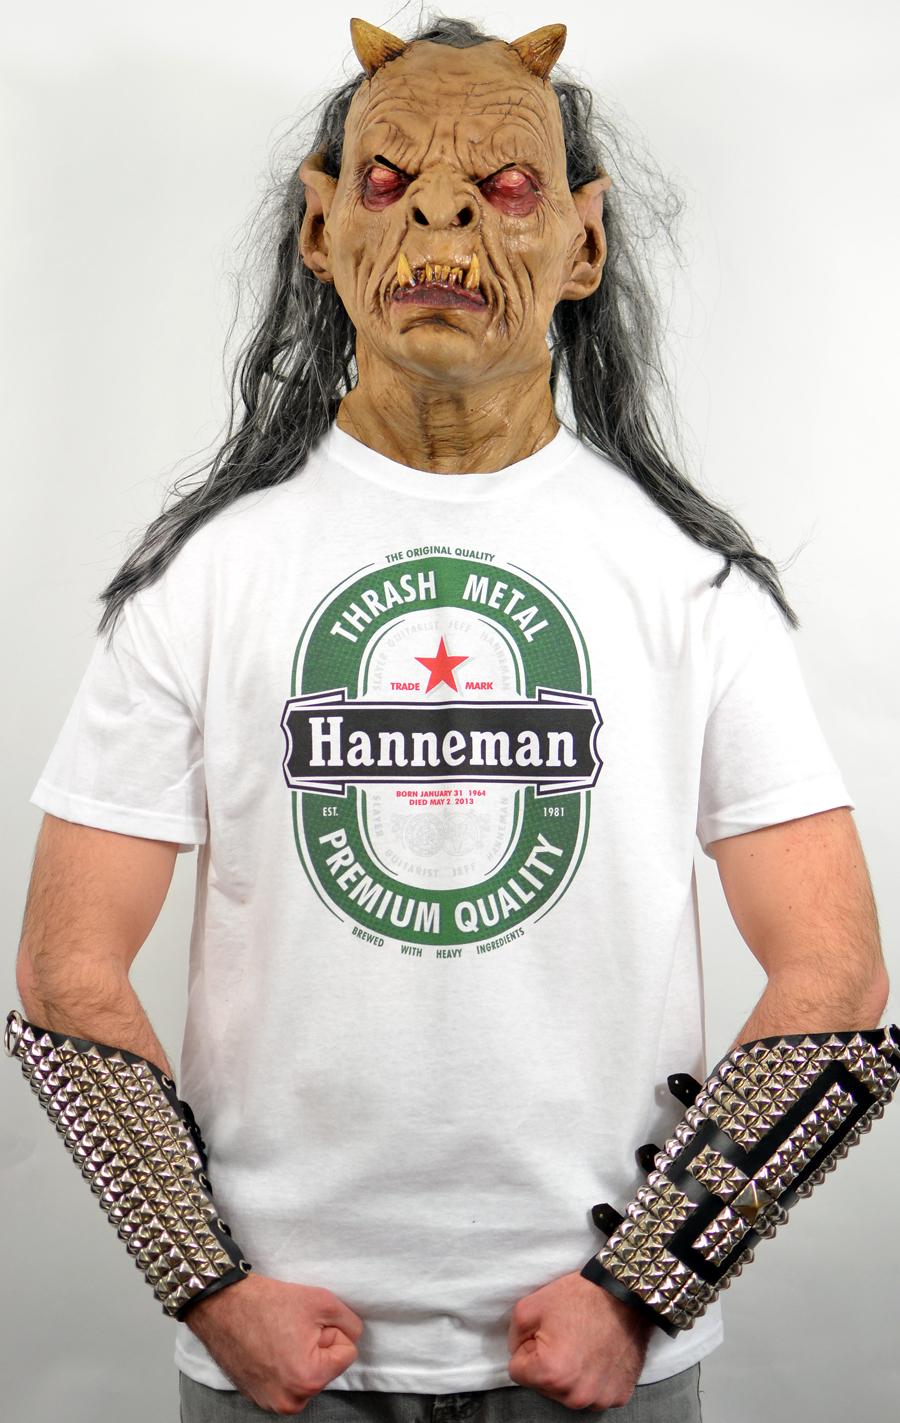 http://www.hellsheadbangers.com/shirt900/08TSM4129-bod5.jpg